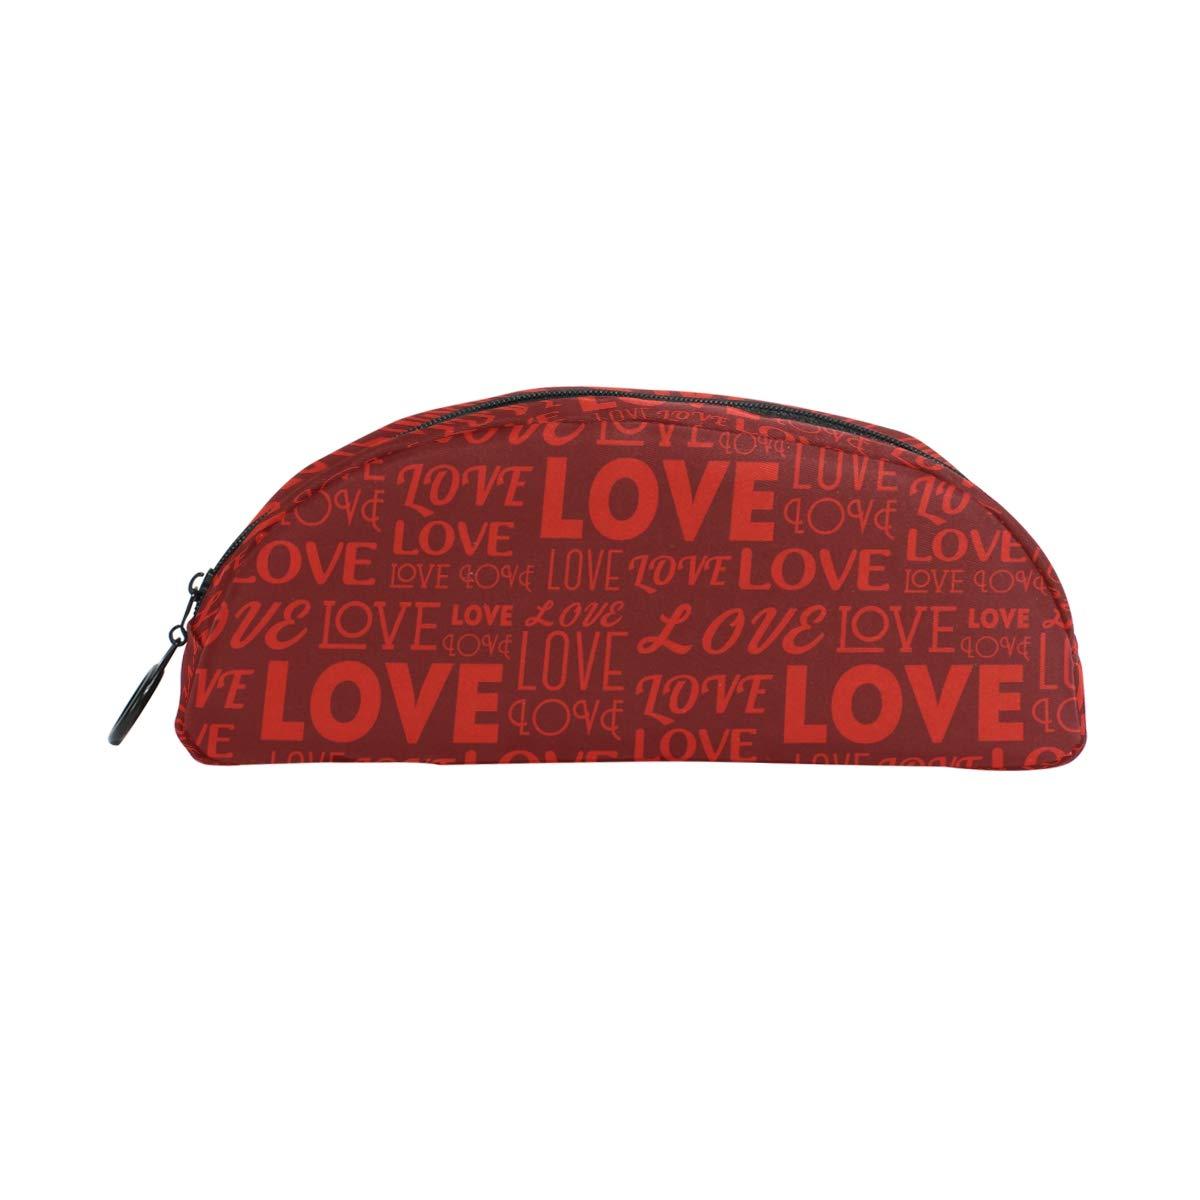 WowPrint estuches para lápices, carta de amor para el día de San Valentín, con cremallera, multifuncional, bolsa de maquillaje para niñas, niños, adultos, hombres, unisex: Amazon.es: Oficina y papelería